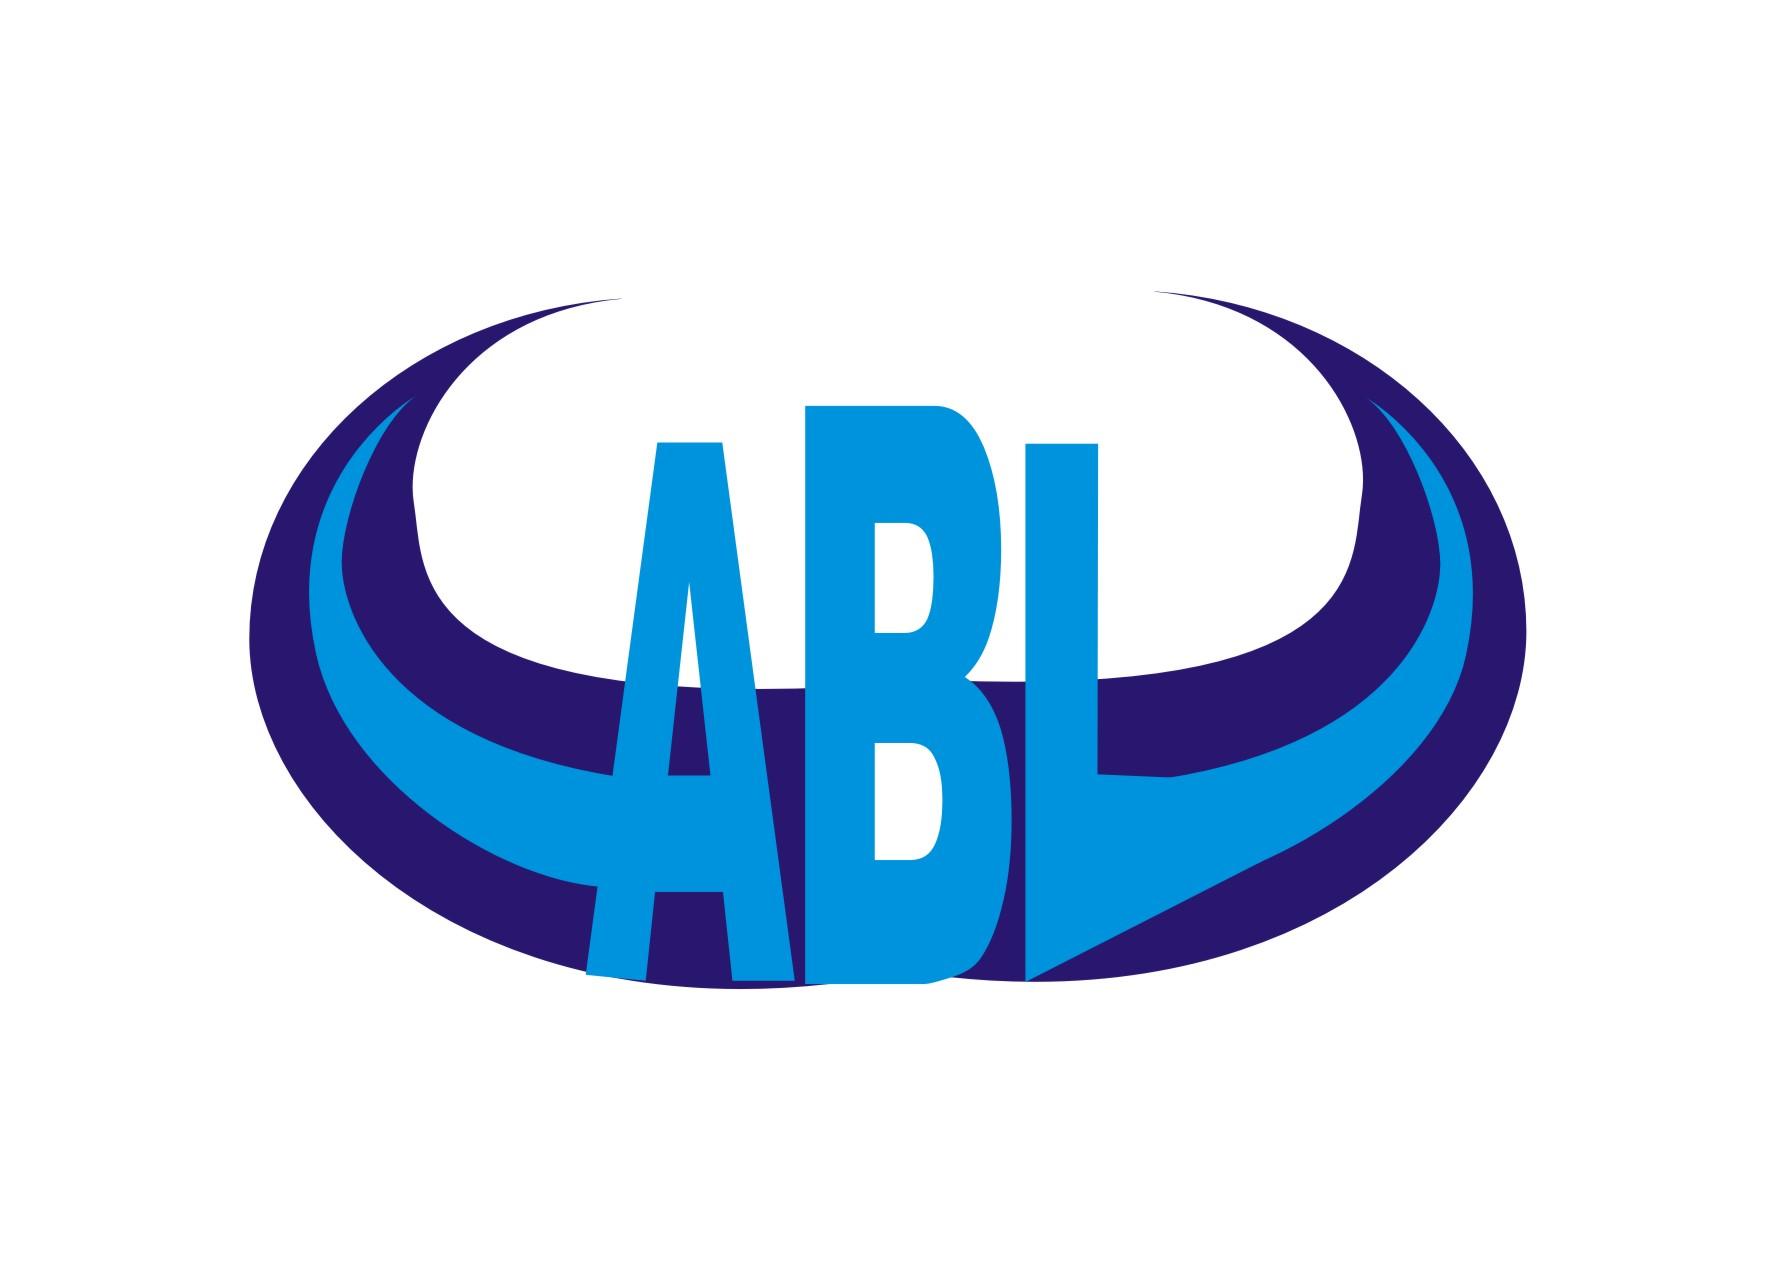 logo logo 标志 设计 矢量 矢量图 素材 图标 1772_1274